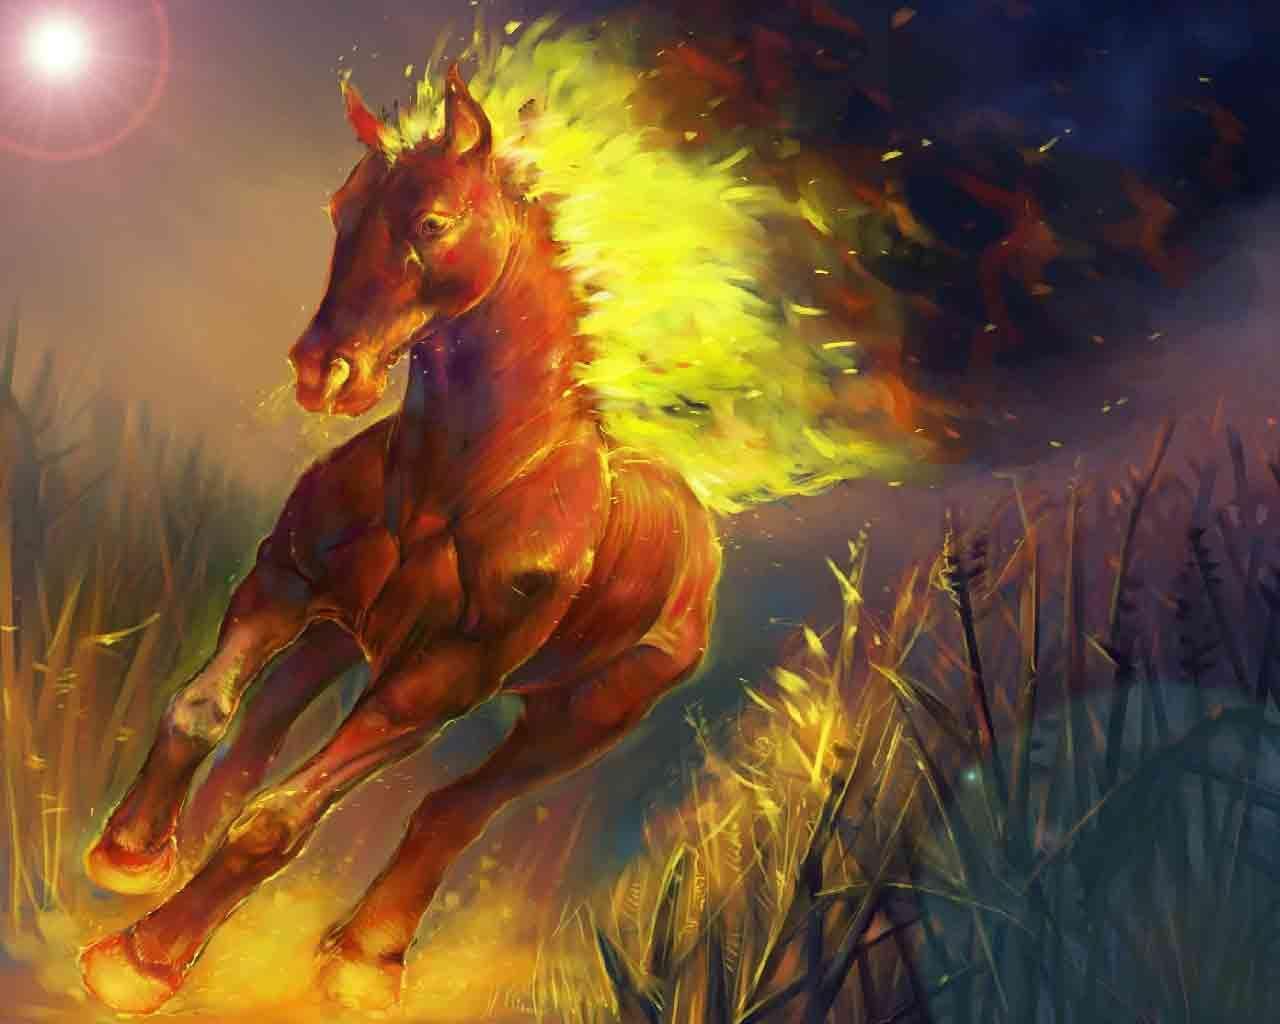 Fire Horse Fire Horse Wallpaper Hd 12330 Hd Wallpapers Fire Horse Fire Art Horse Wallpaper